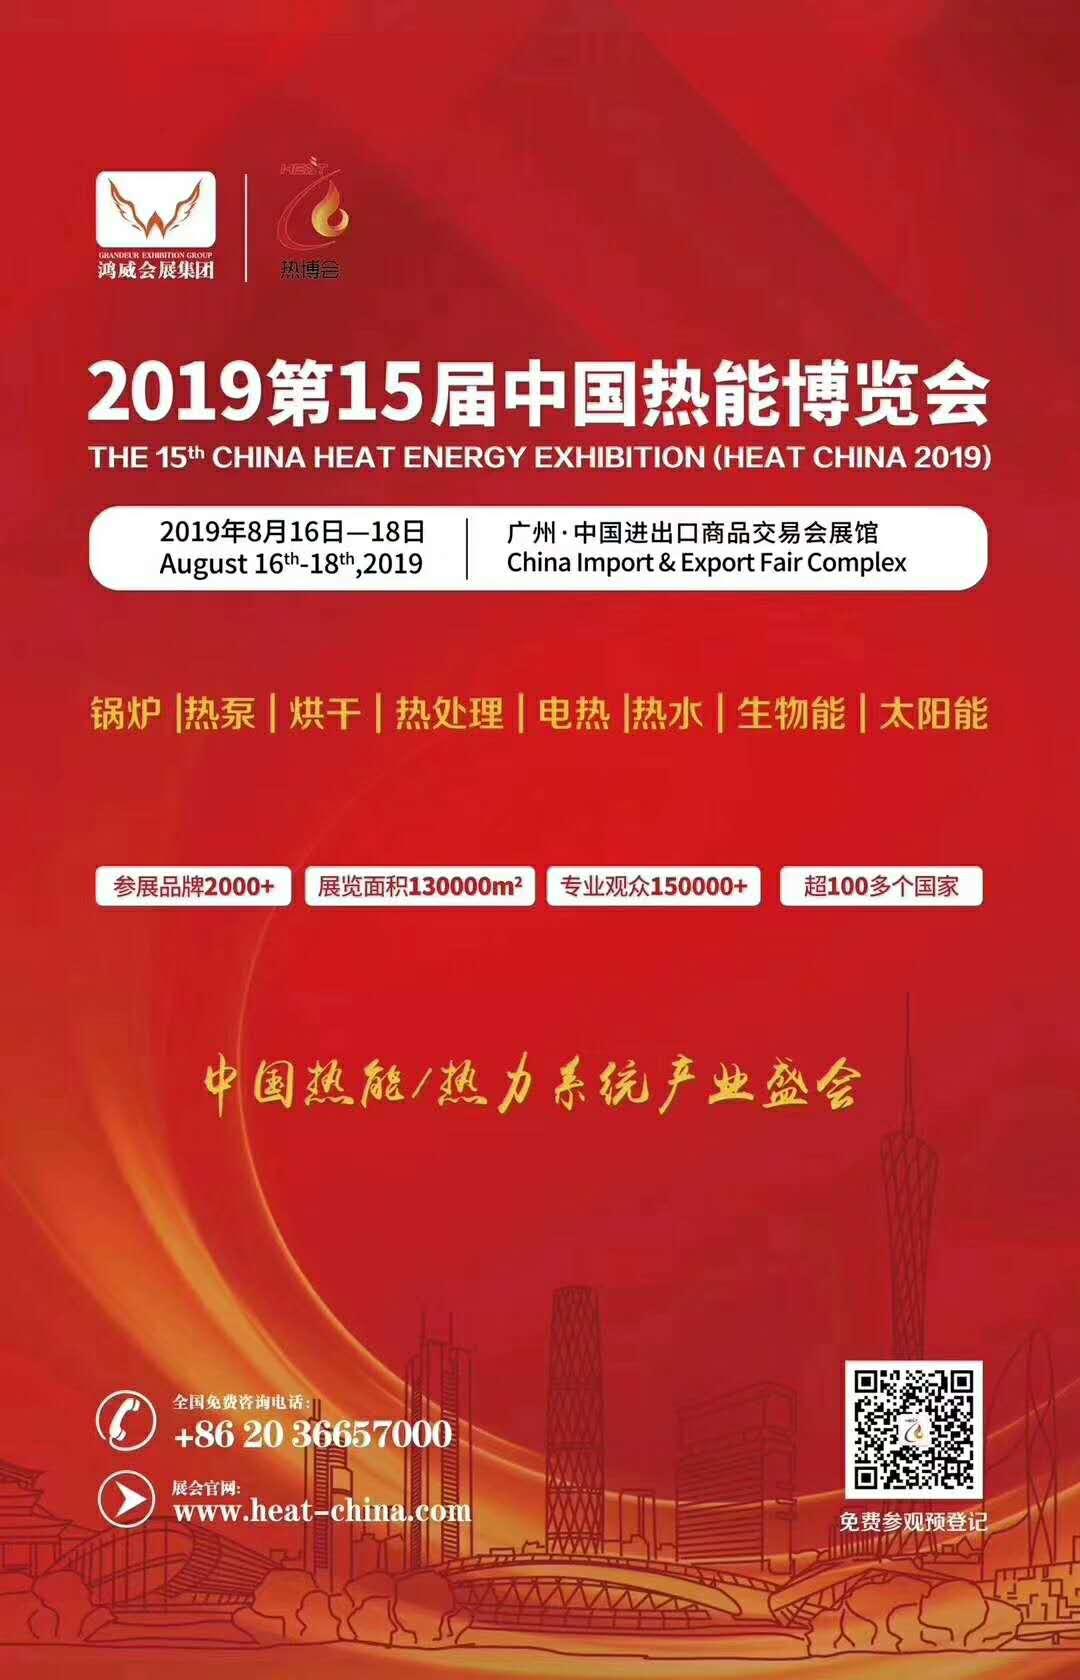 2019第15届中国热能博览会/CHP热泵展/CDE烘干展 买一送一活动及免费参展方案